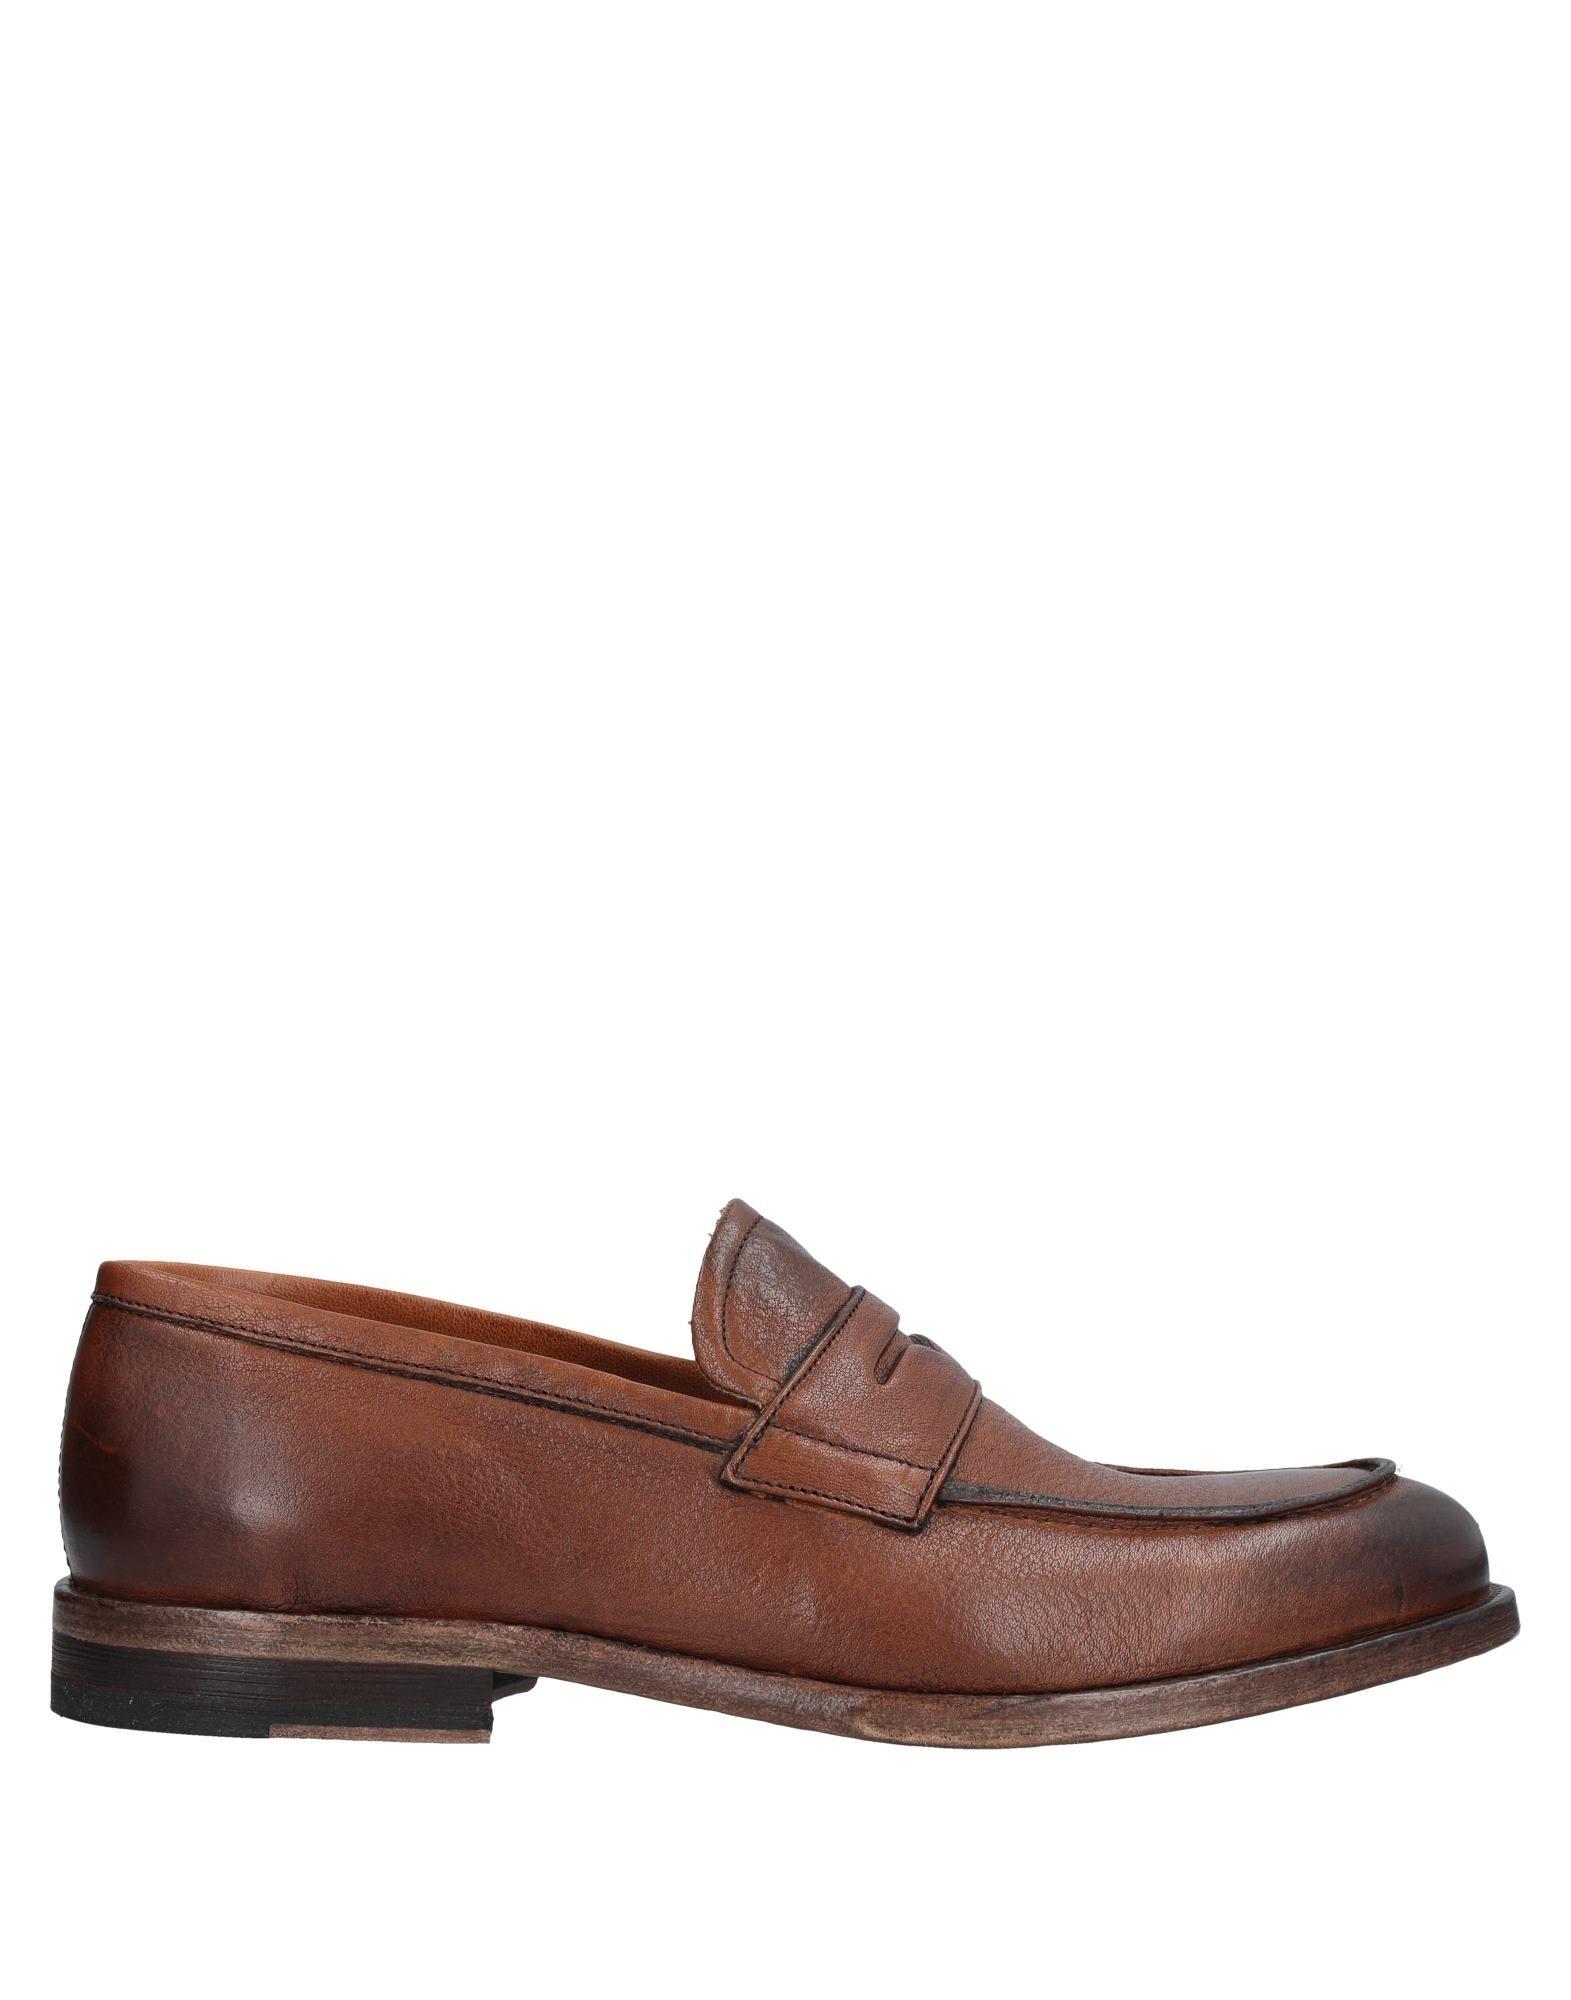 Rabatt echte Schuhe Roberto Della Croce Mokassins Herren  11531529AC